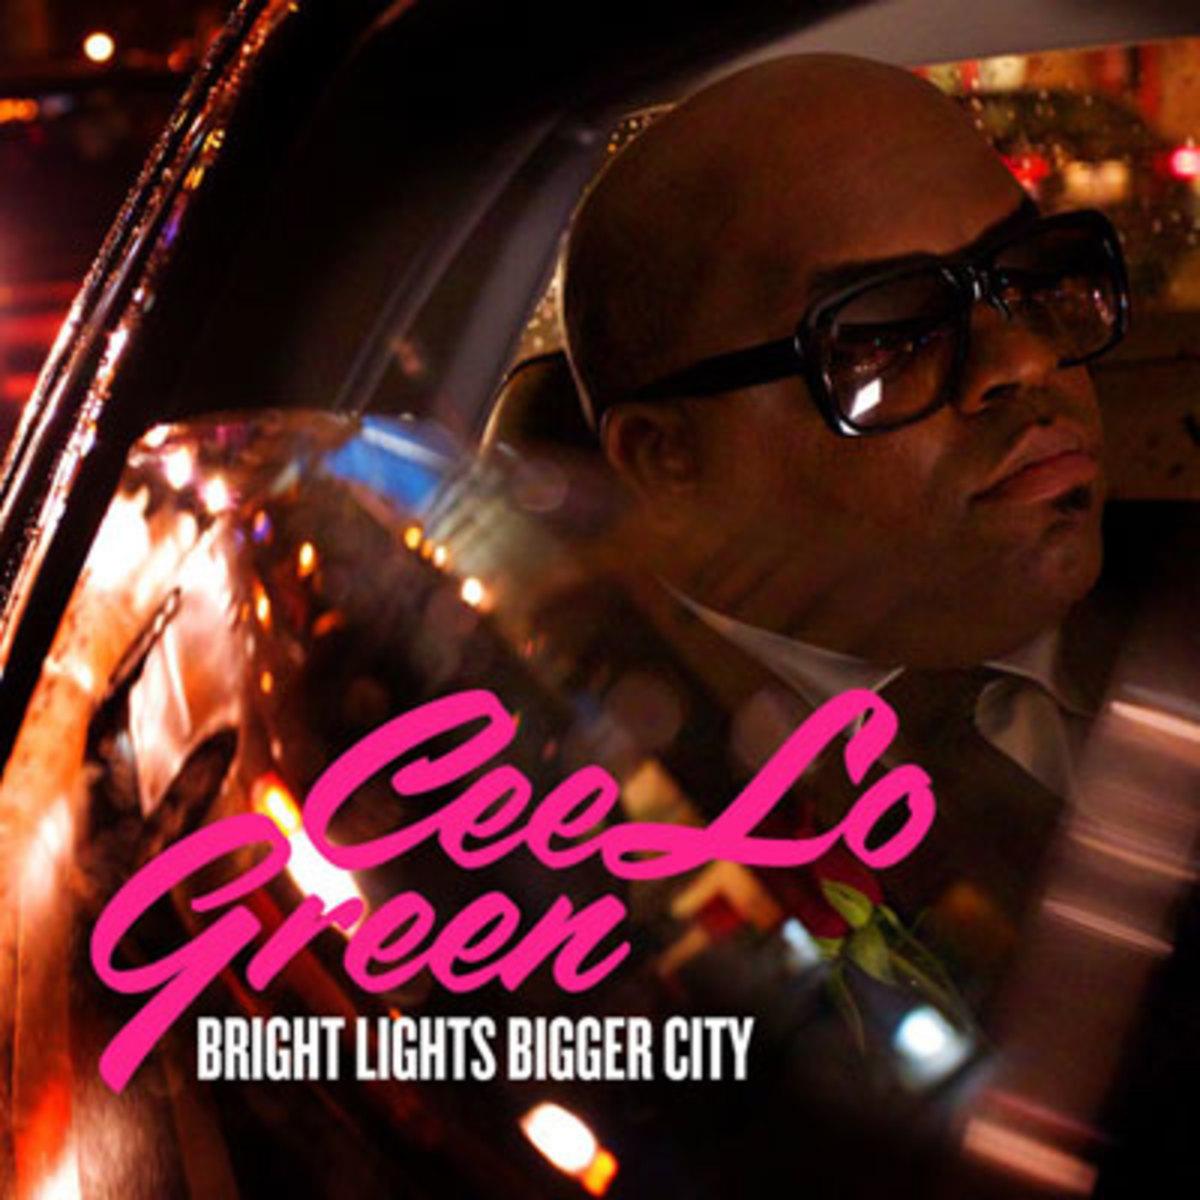 ceelo-brightlightsbiggercity.jpg